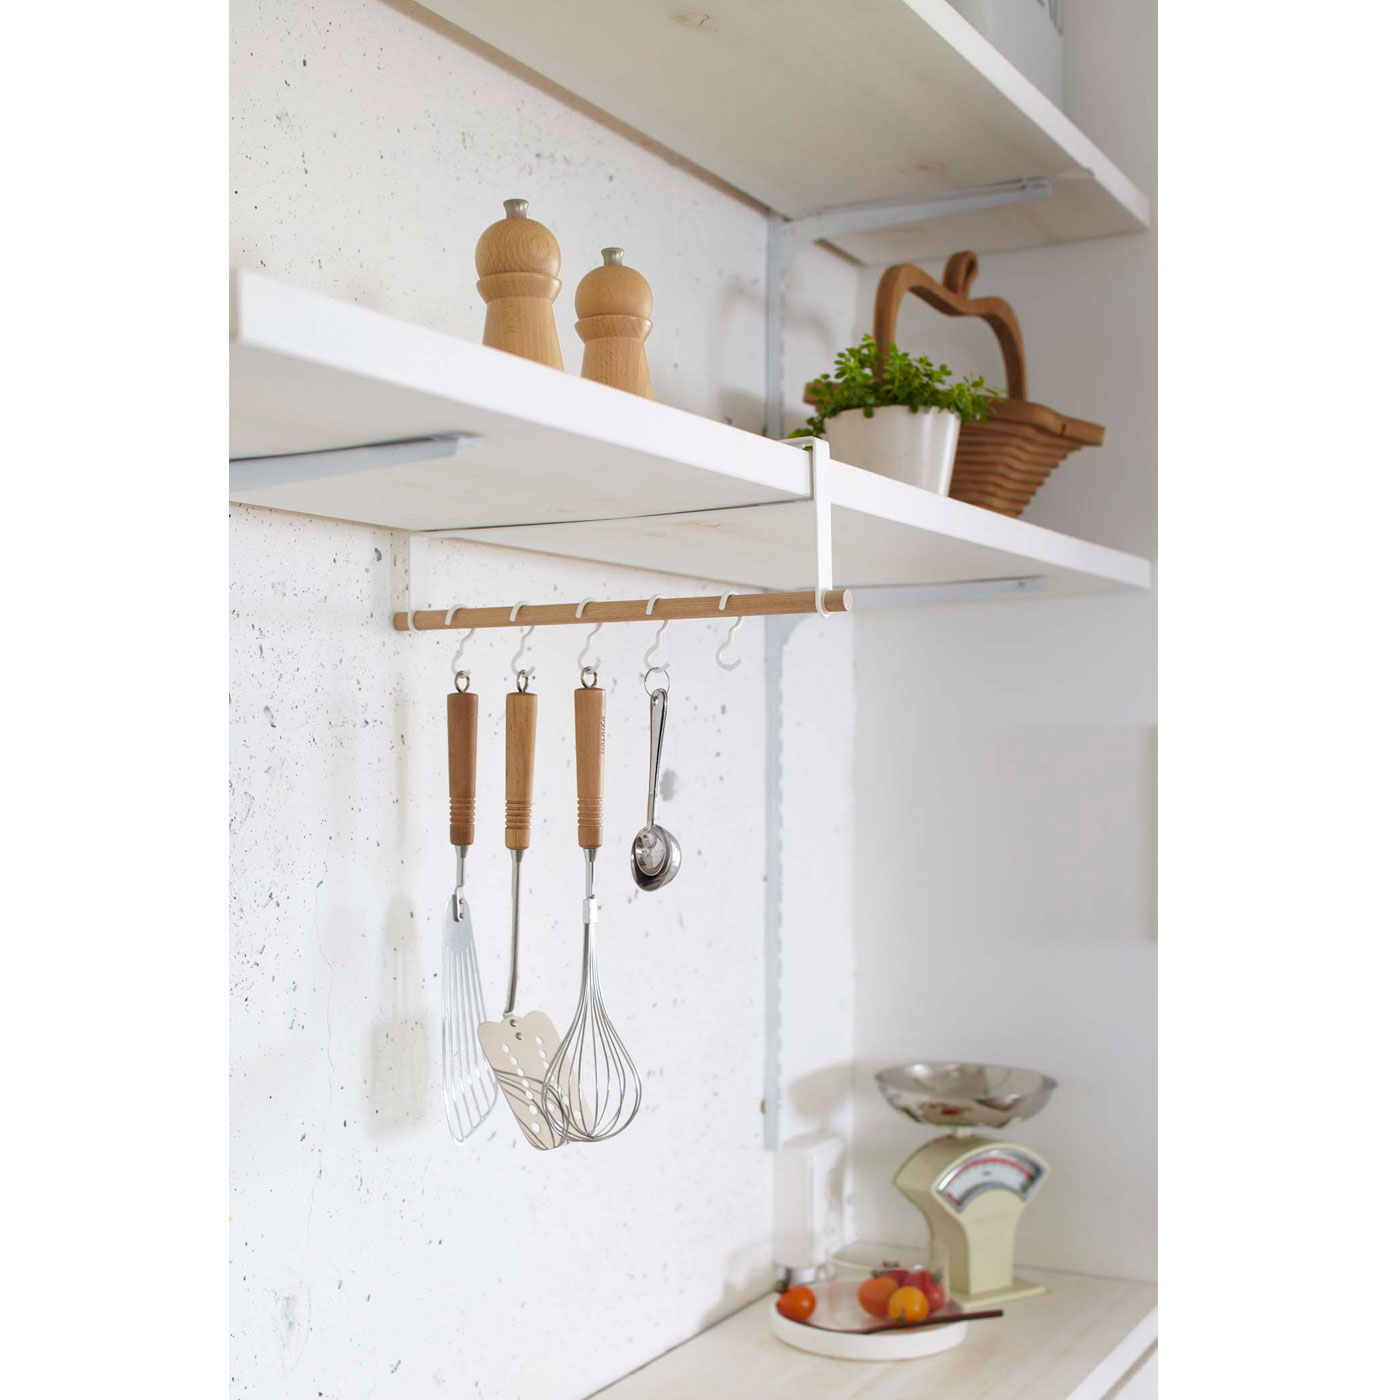 キッチンツールは届く位置にあるのが時短のポイント